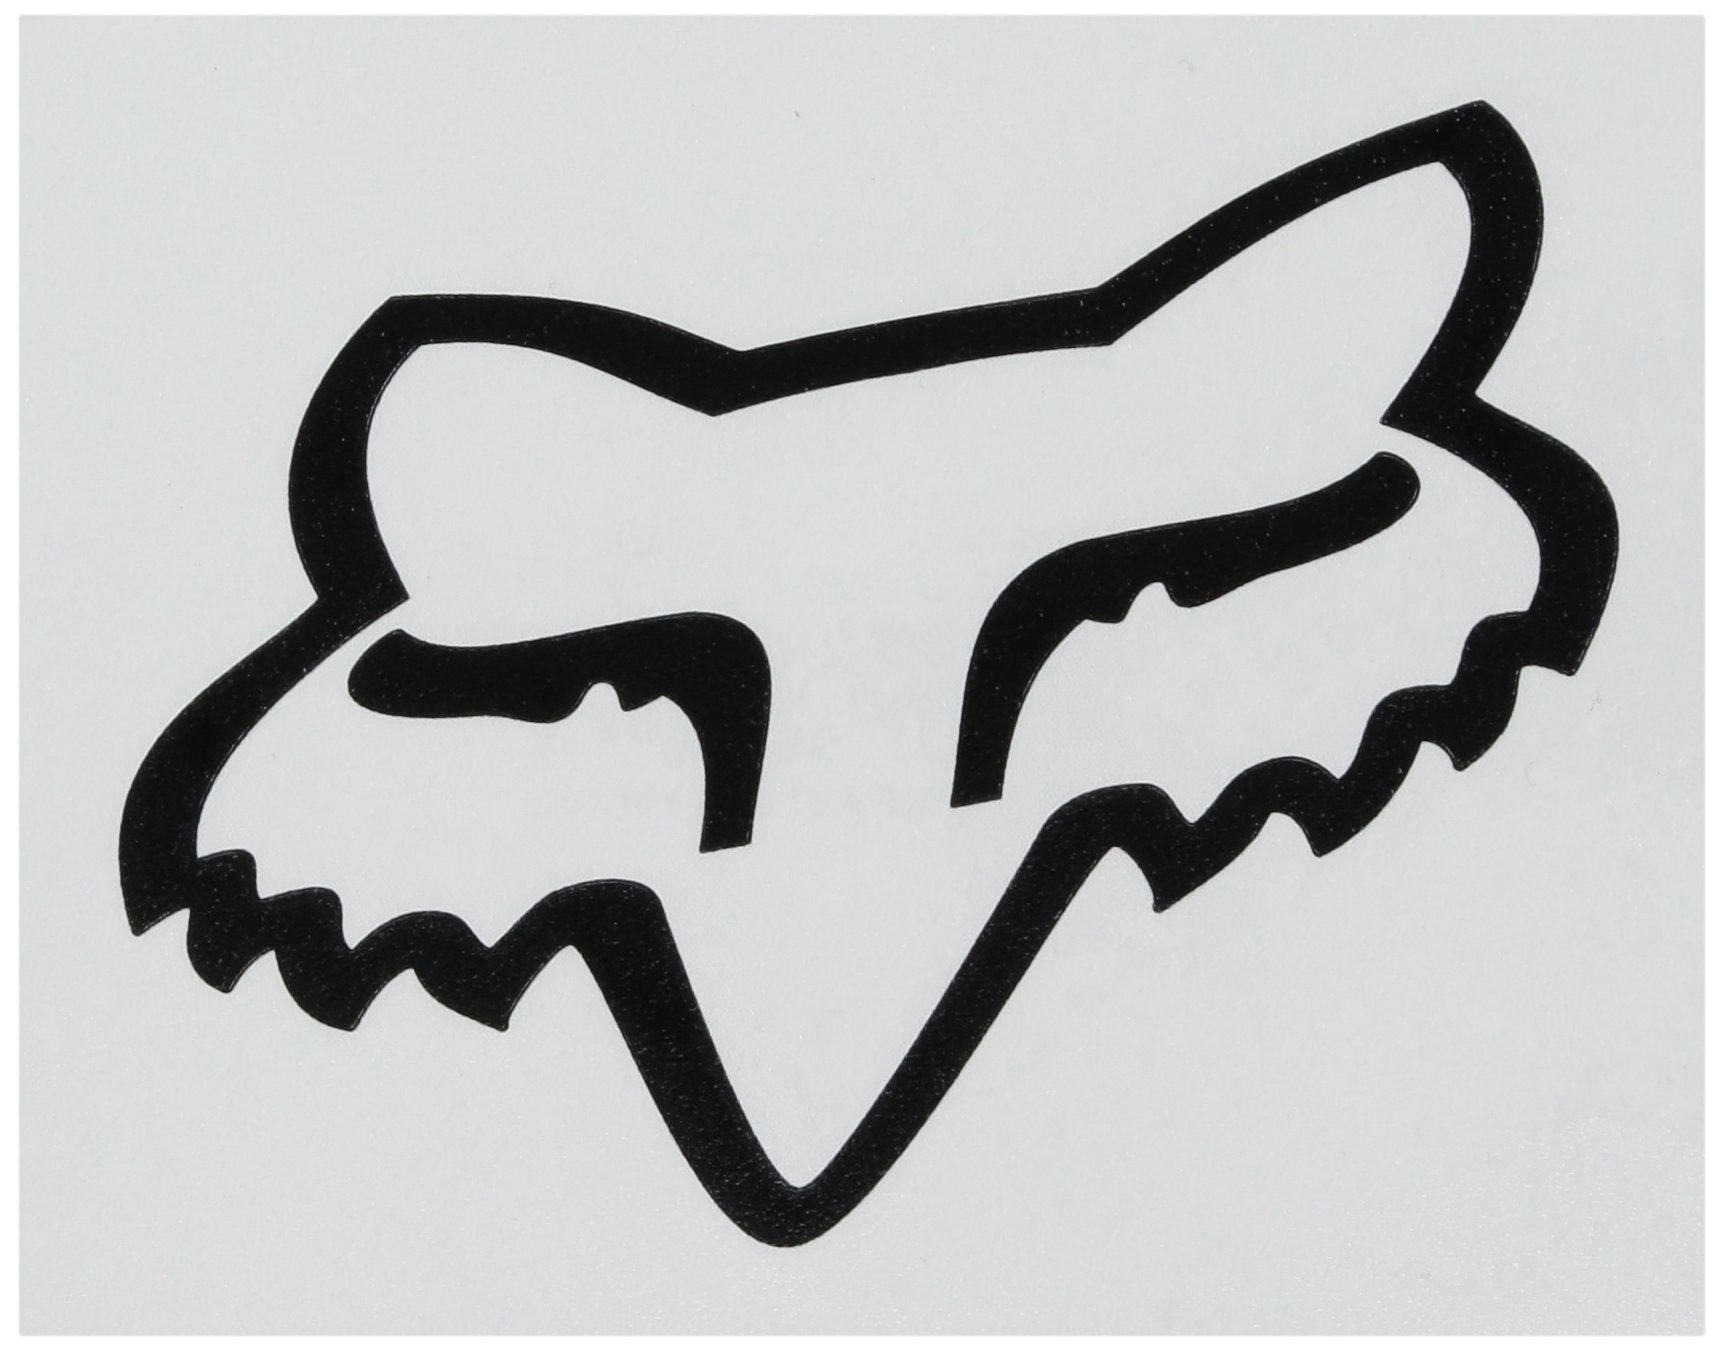 Fox Men's Head TDC-4'' Sticker, Black, One Size